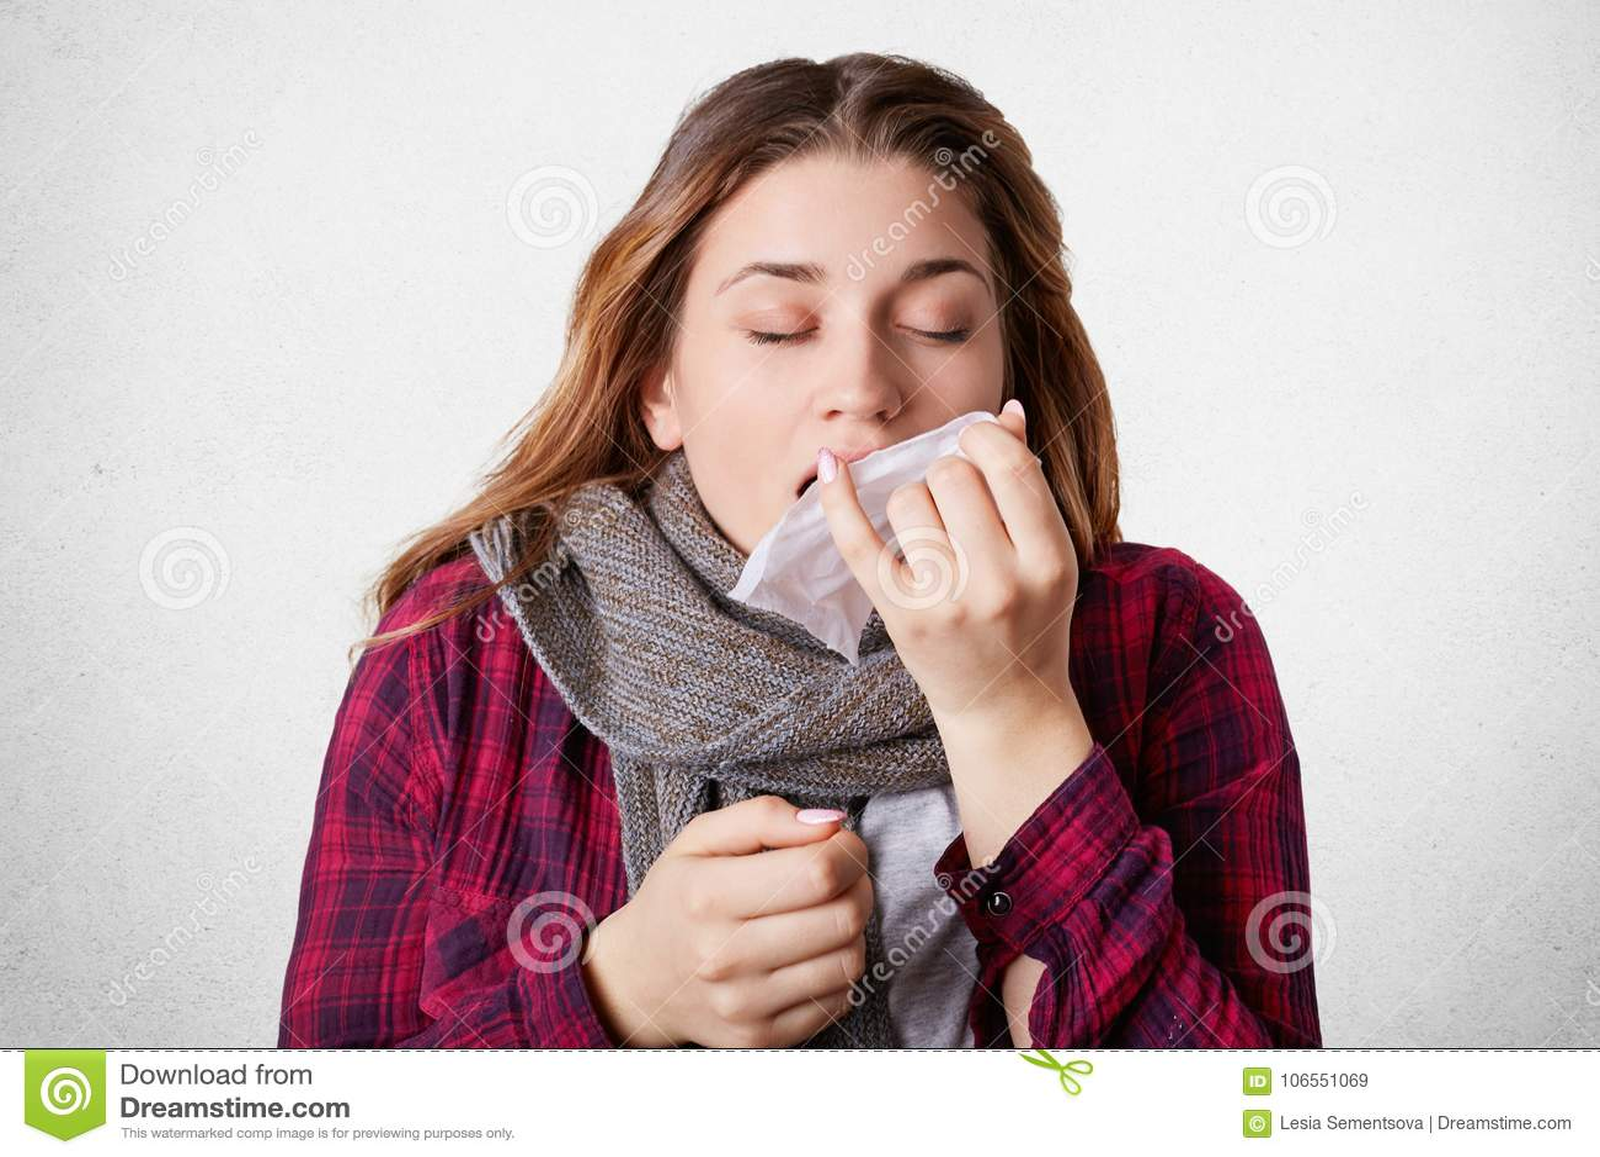 美丽的女性佩带温暖的scrf,打喷嚏入组织,遭受冷,并且高tempreture,有通气管,设法治疗自己, iso